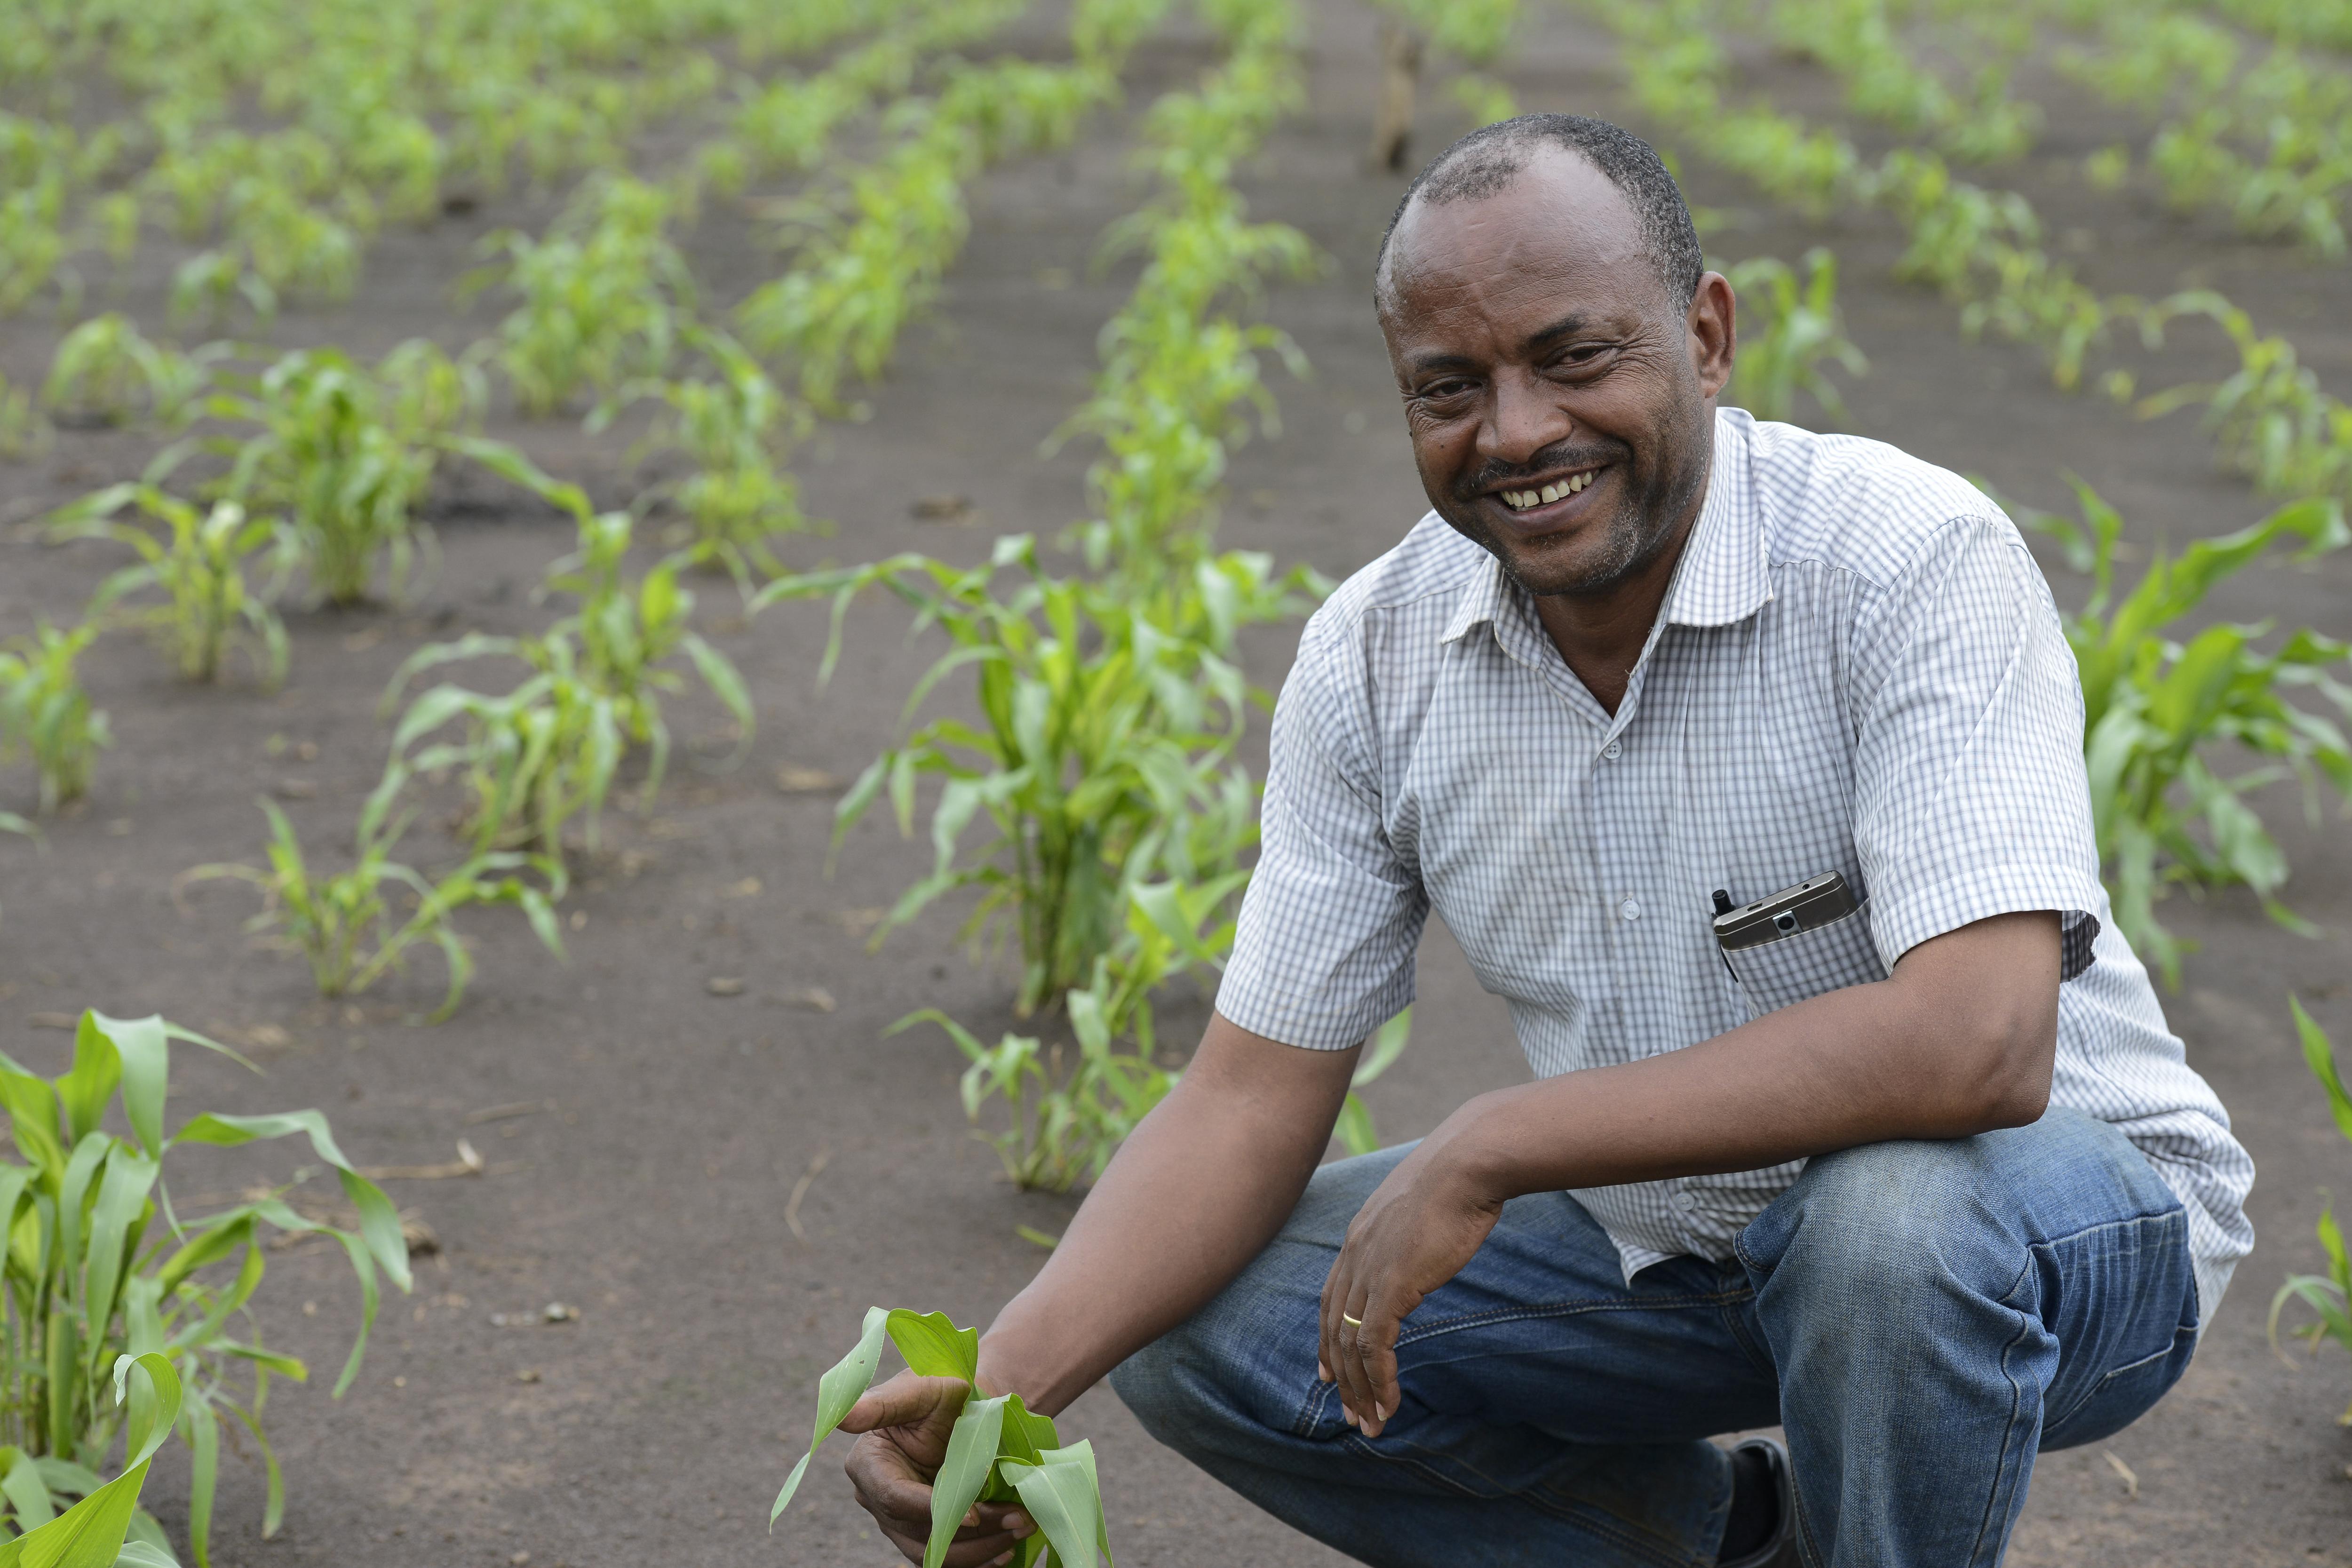 Bultum Oljira ist Program Officer für die Region Gambela in der Ethiopian Evangelical Church Mekane Yesus kniet in einem Feld.